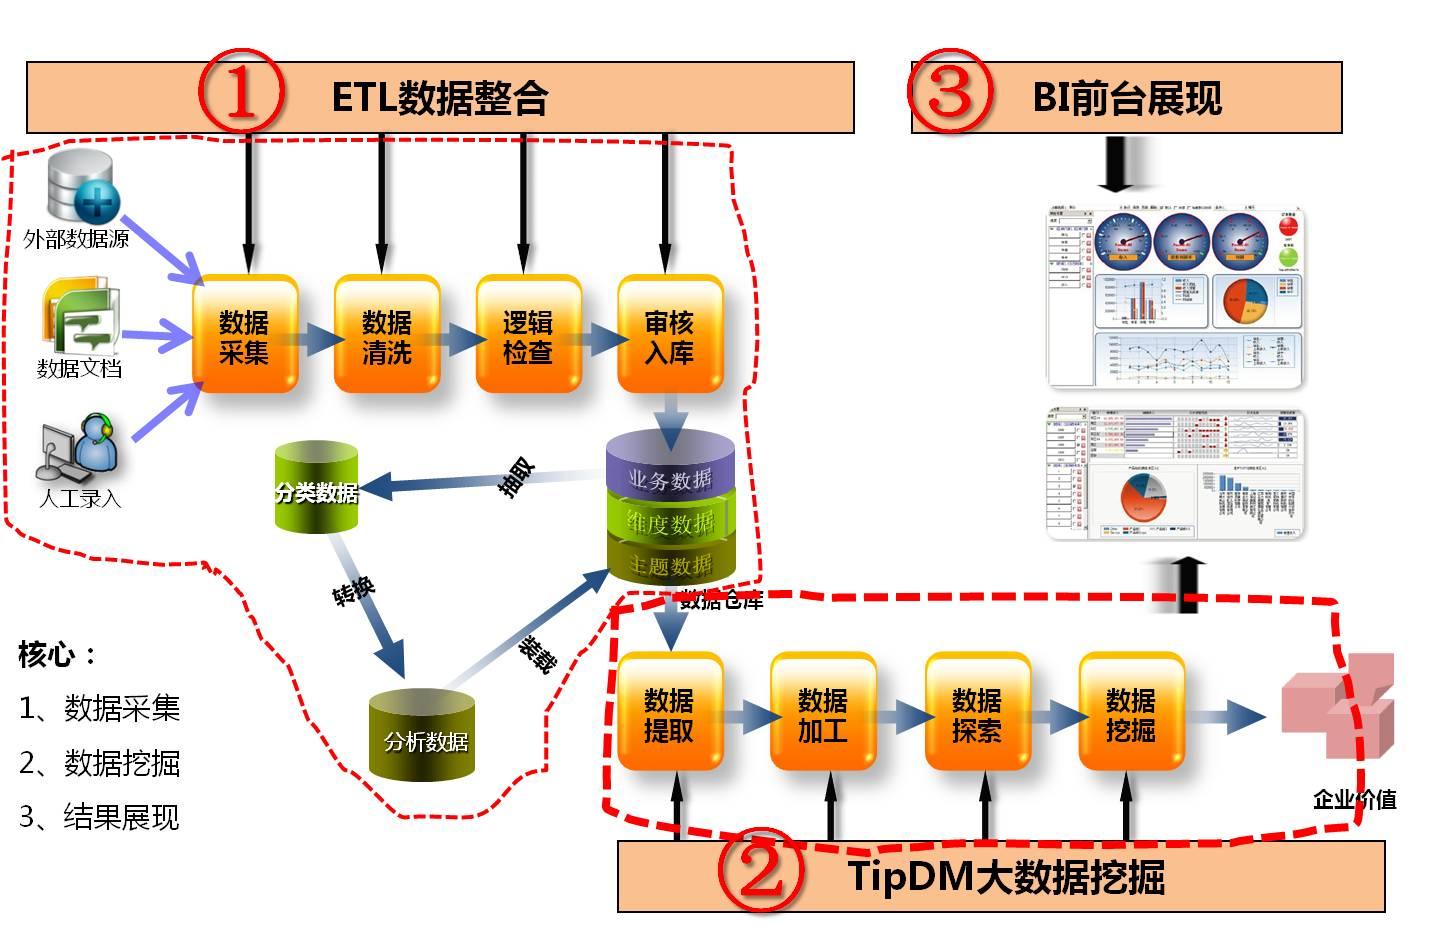 基于企业级数据挖掘应用需要,tipdm-hb采用j2ee企业应用架构,应用框架